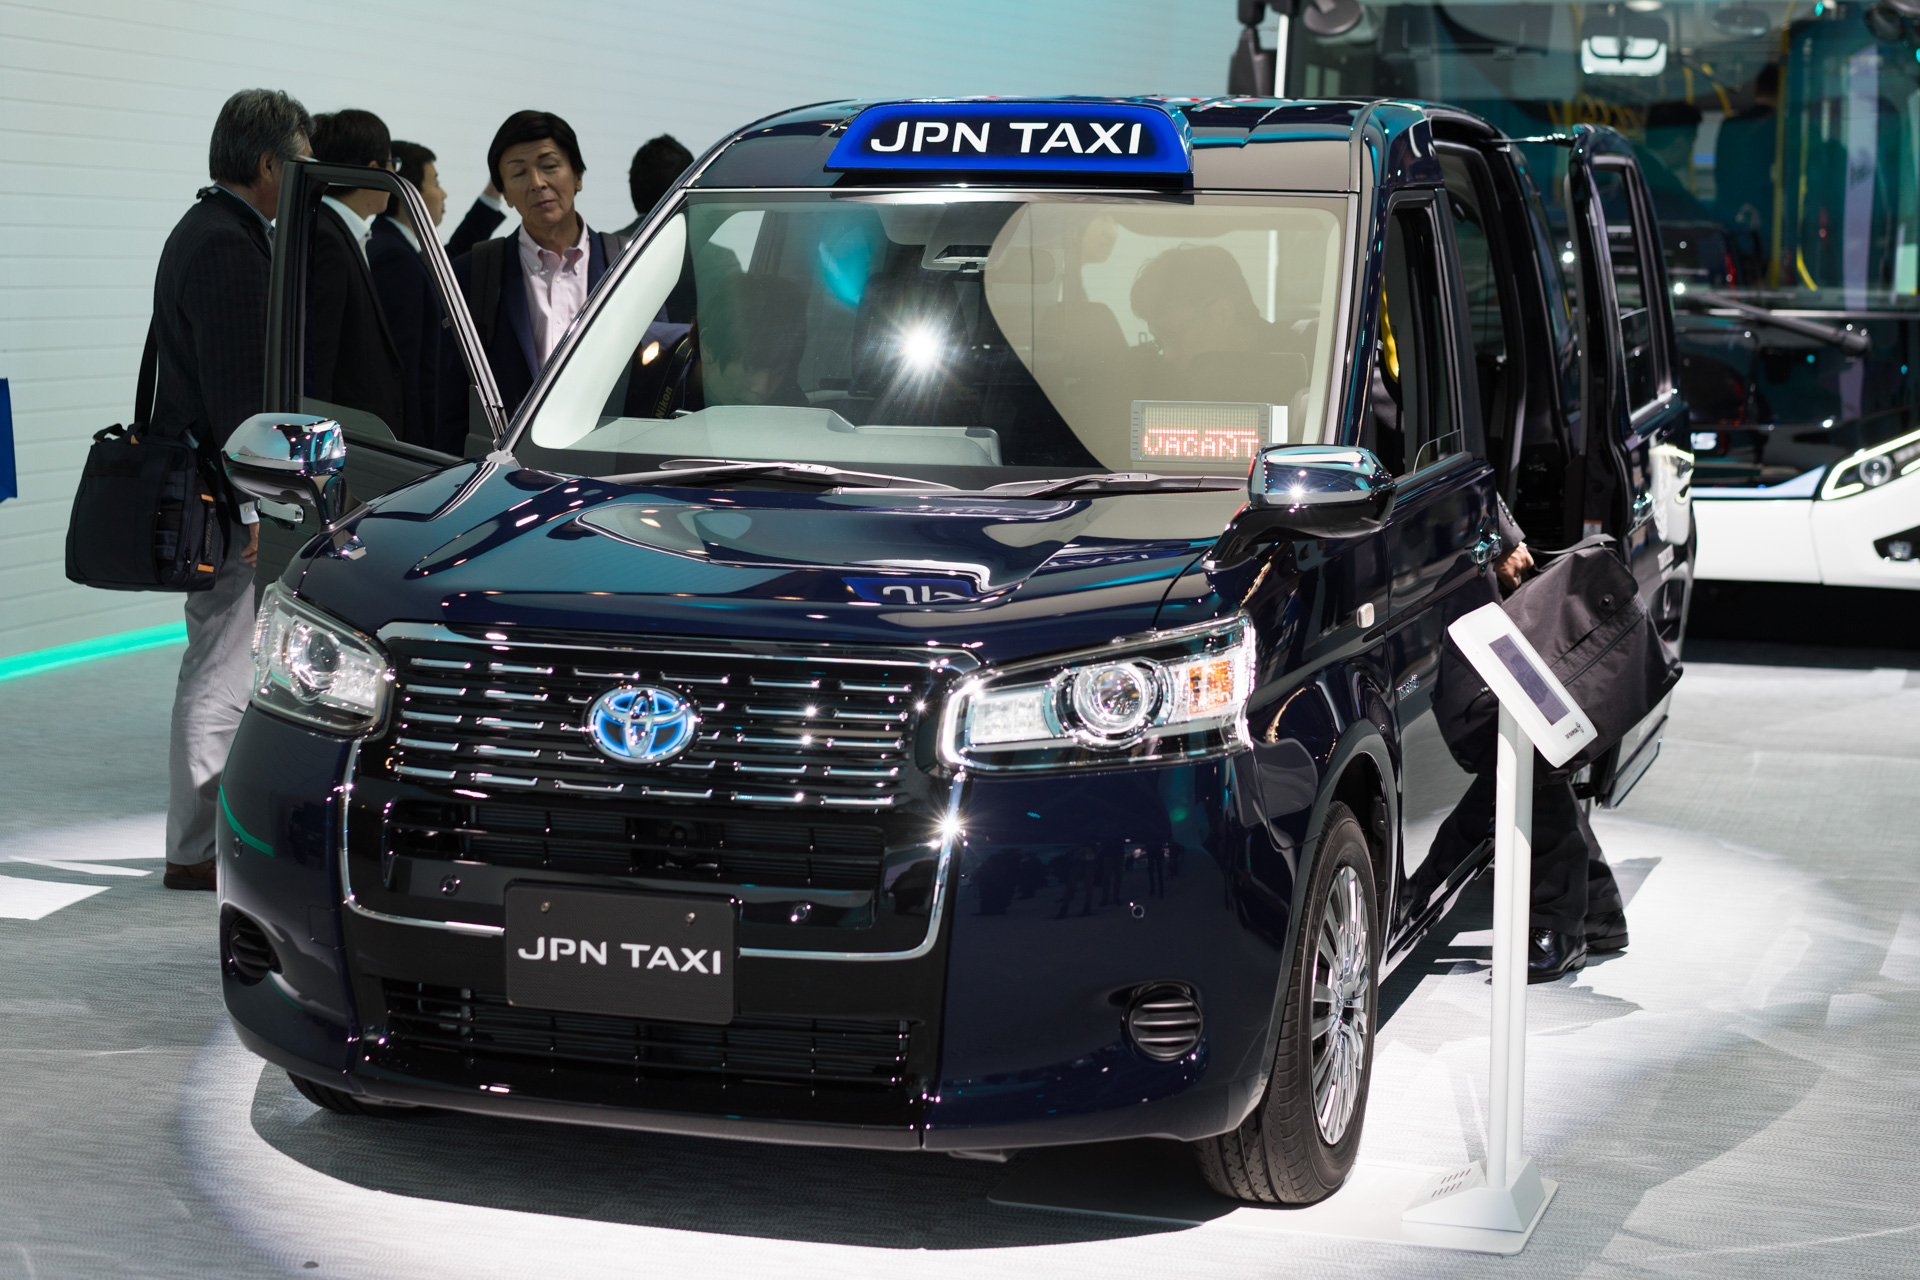 東京モーターショー JPN TAXI SONY α7Ⅱ, Sonnar T* FE 55mm F1.8 ZA SEL55F18Z